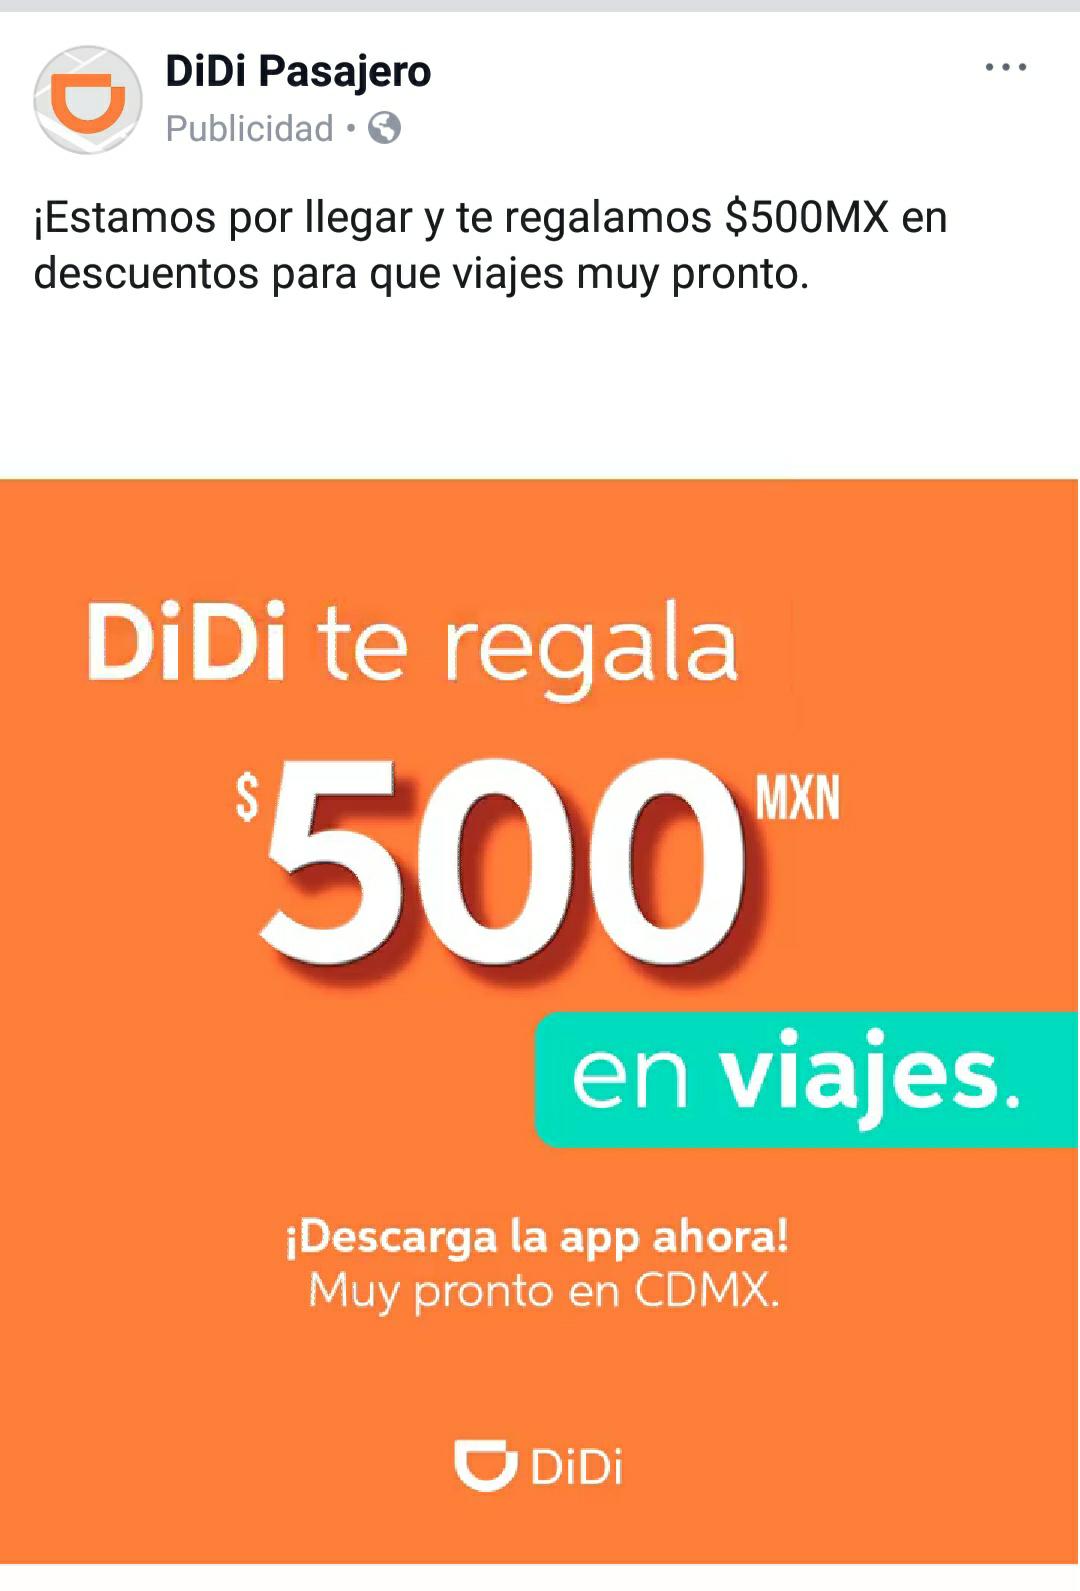 Didi CDMX: $500 en cupones en su próxima llegada a CDMX al registrarse en su app